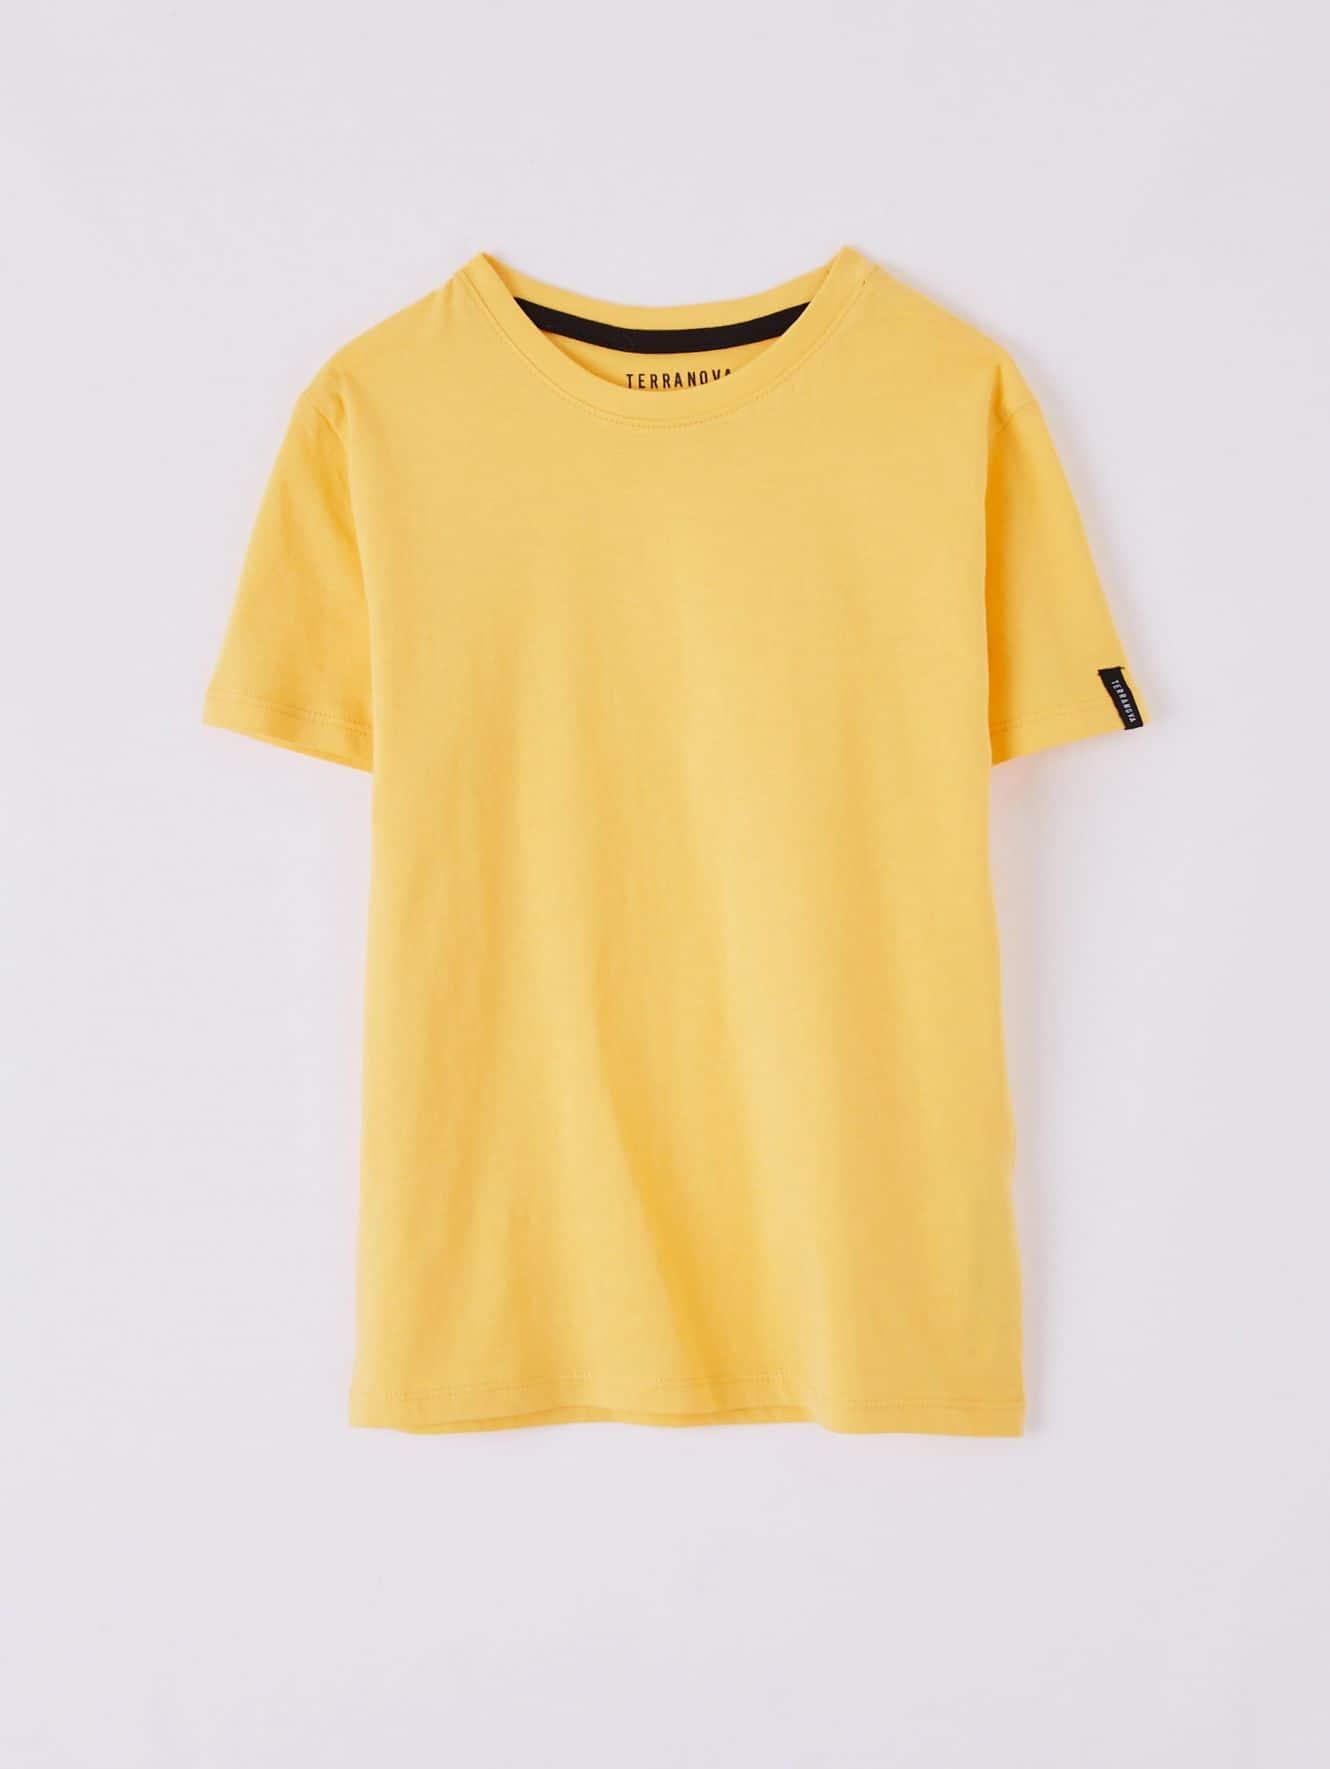 T-Shirt Garçon Terranova